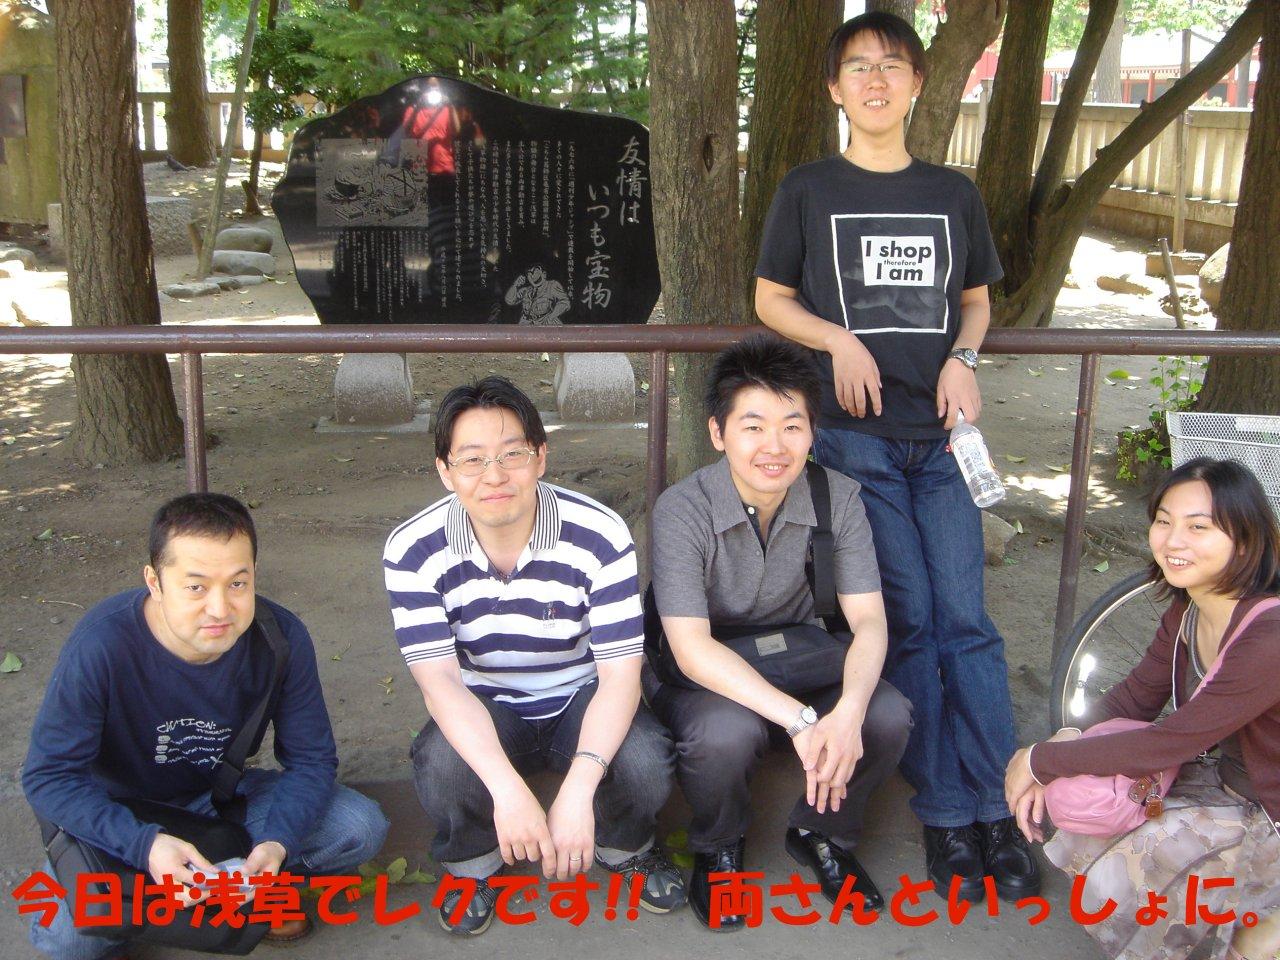 コーラスレク2007.06.17両さんといっしょに!!